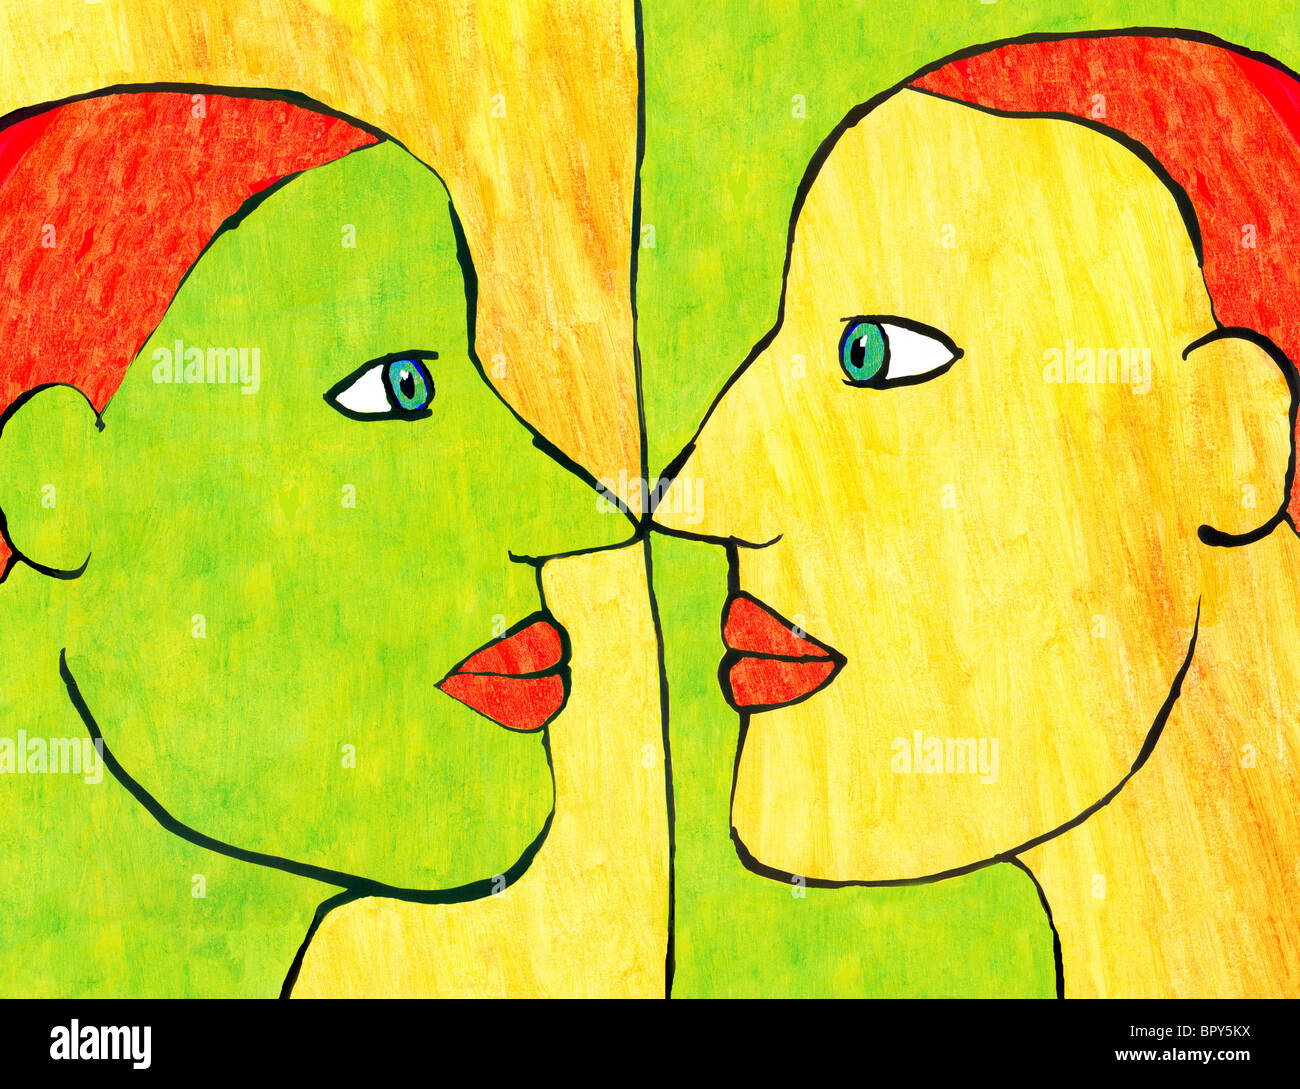 Disegno animato di una donna e la sua riflessione Immagini Stock